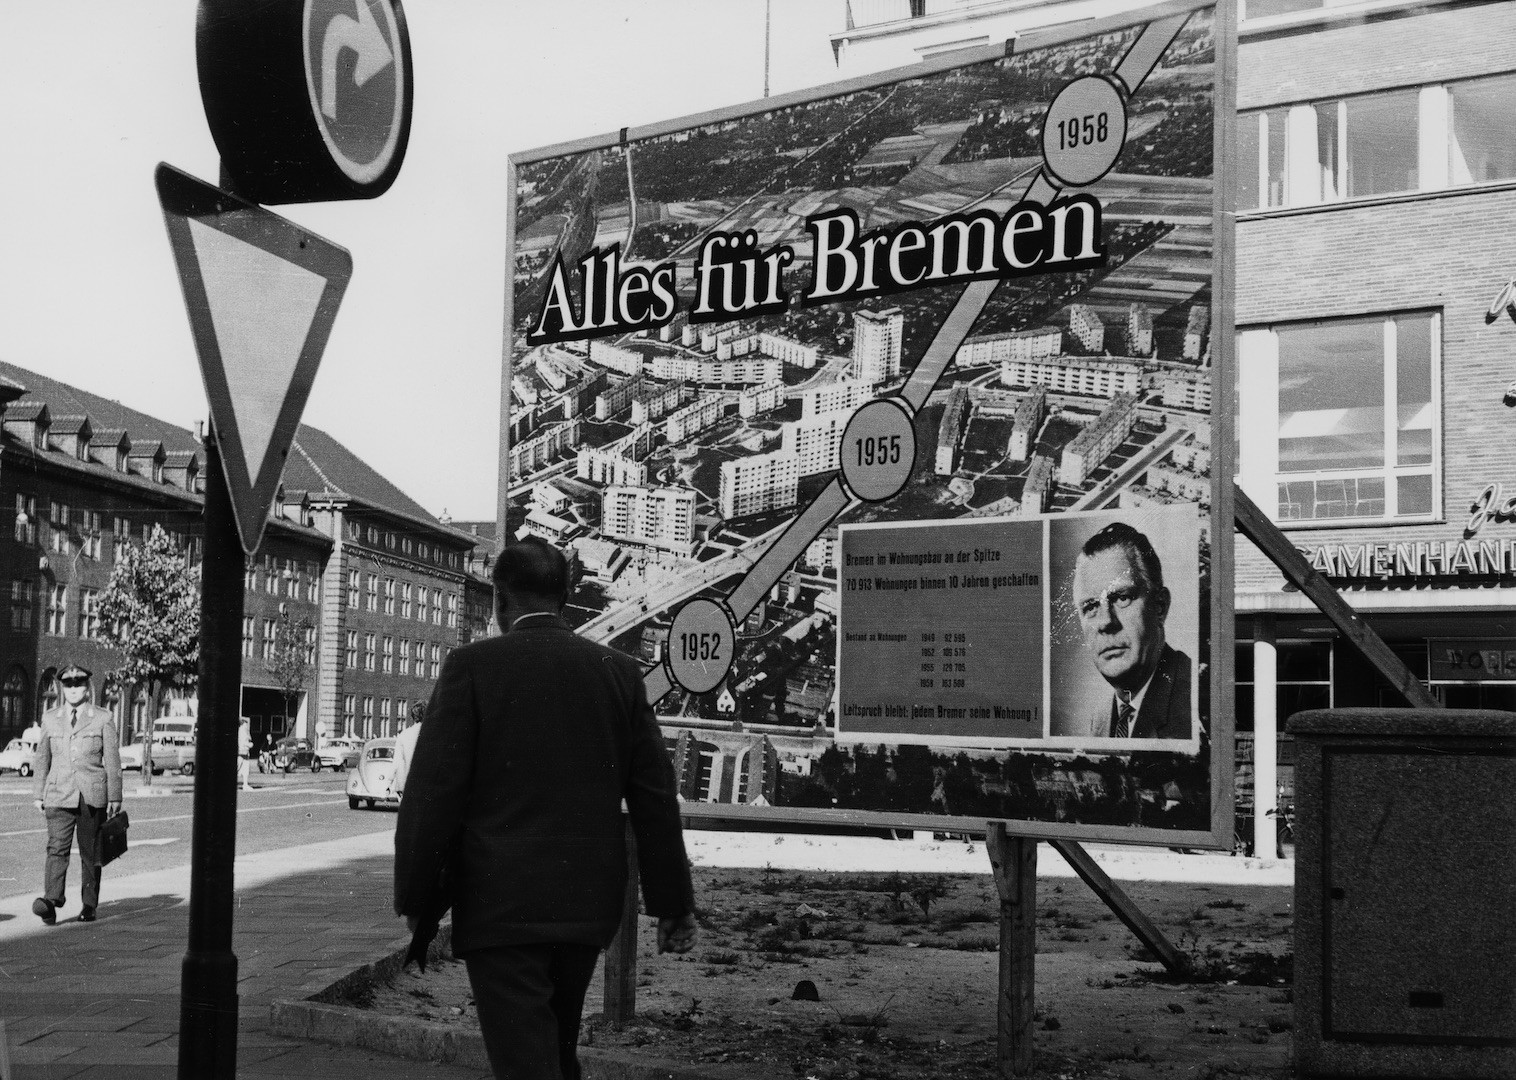 So ging moderner Wahlkampf 1959: die Verdienste hervorheben, auf den Parteinamen verzichten. Bildvorlage: Staatsarchiv Bremen